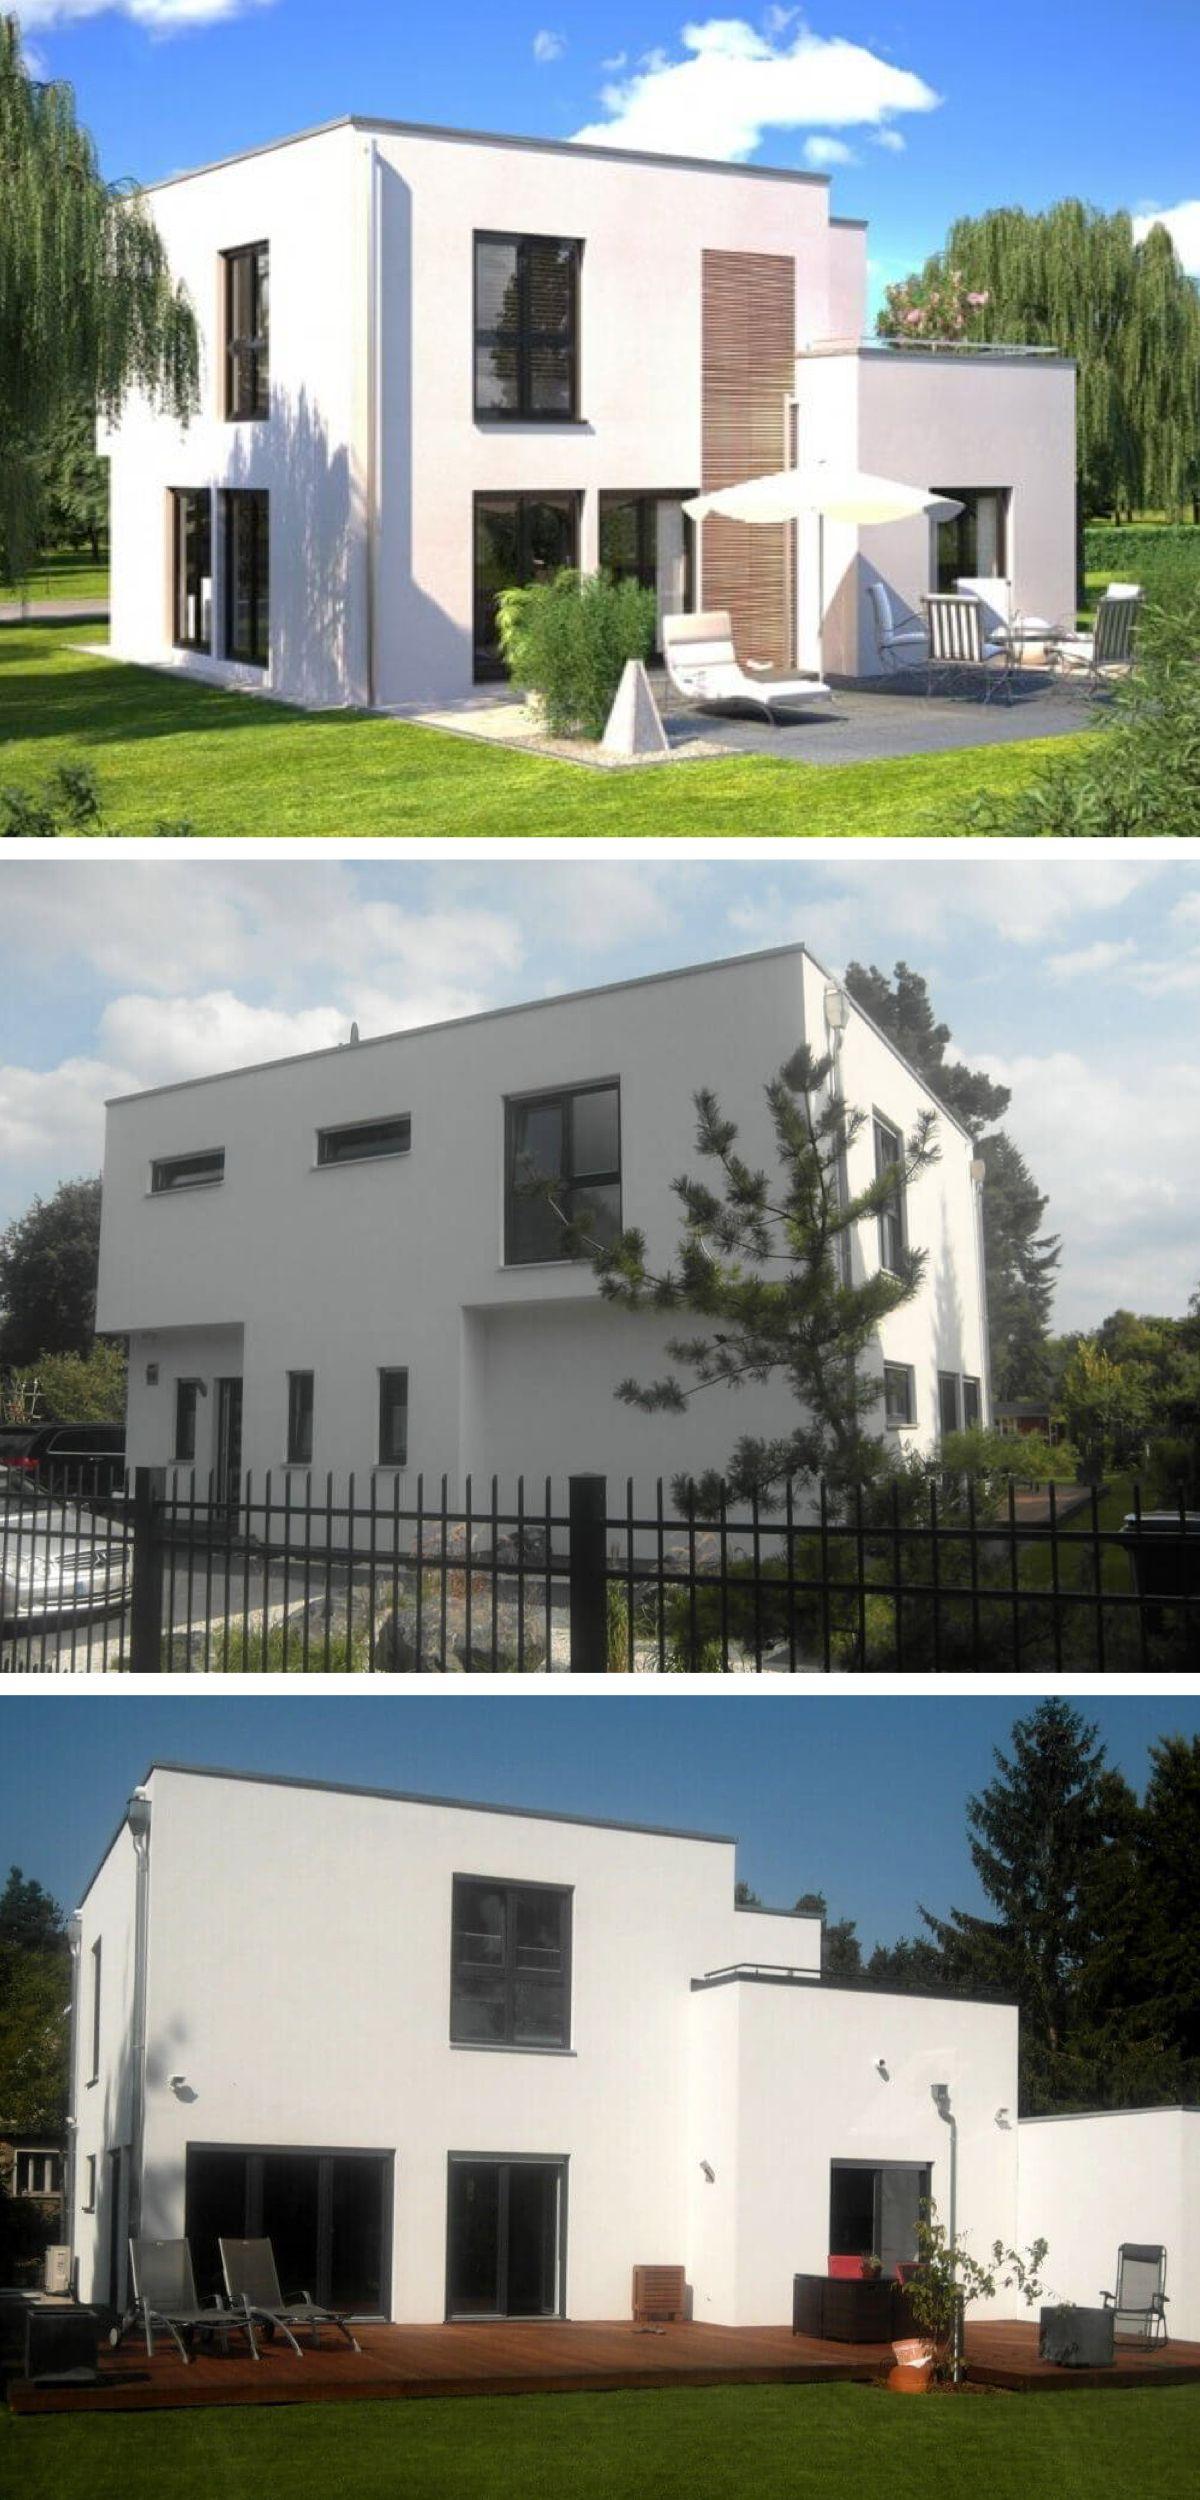 Moderne Bauhaus Villa mit Flachdach Architektur - Fertighaus Design ...